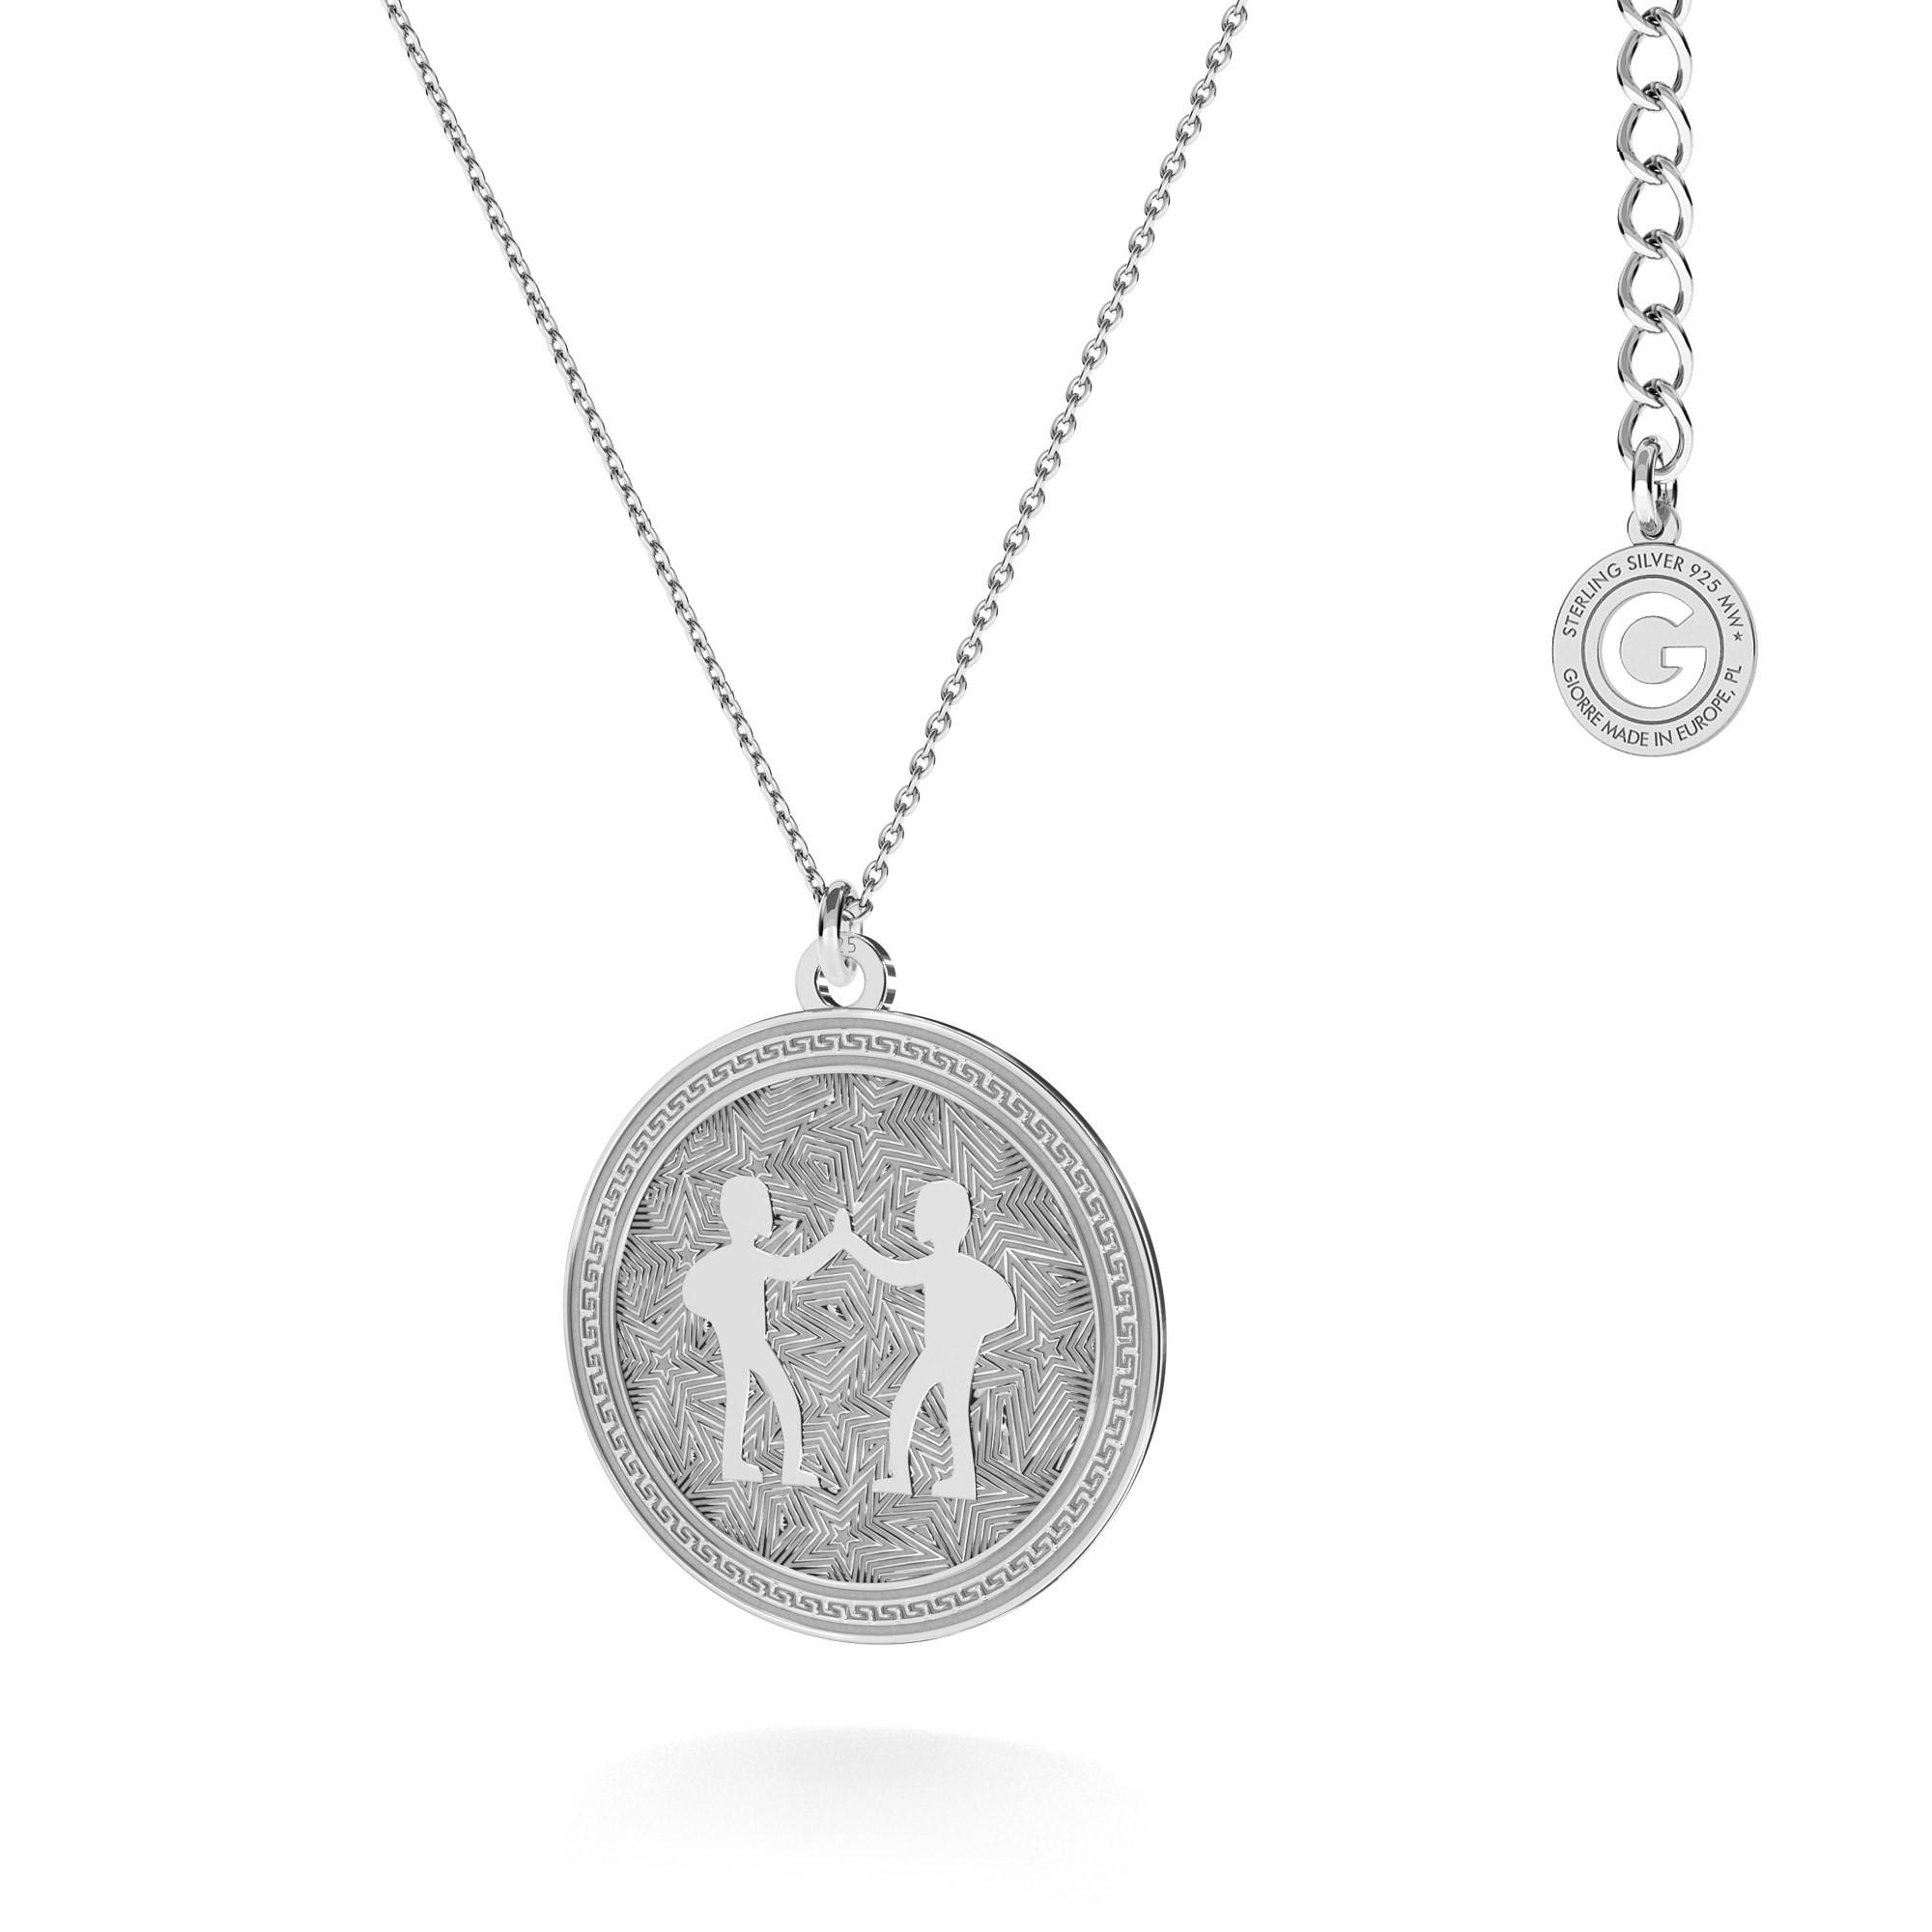 GEMINI zodiac sign necklace silver 925